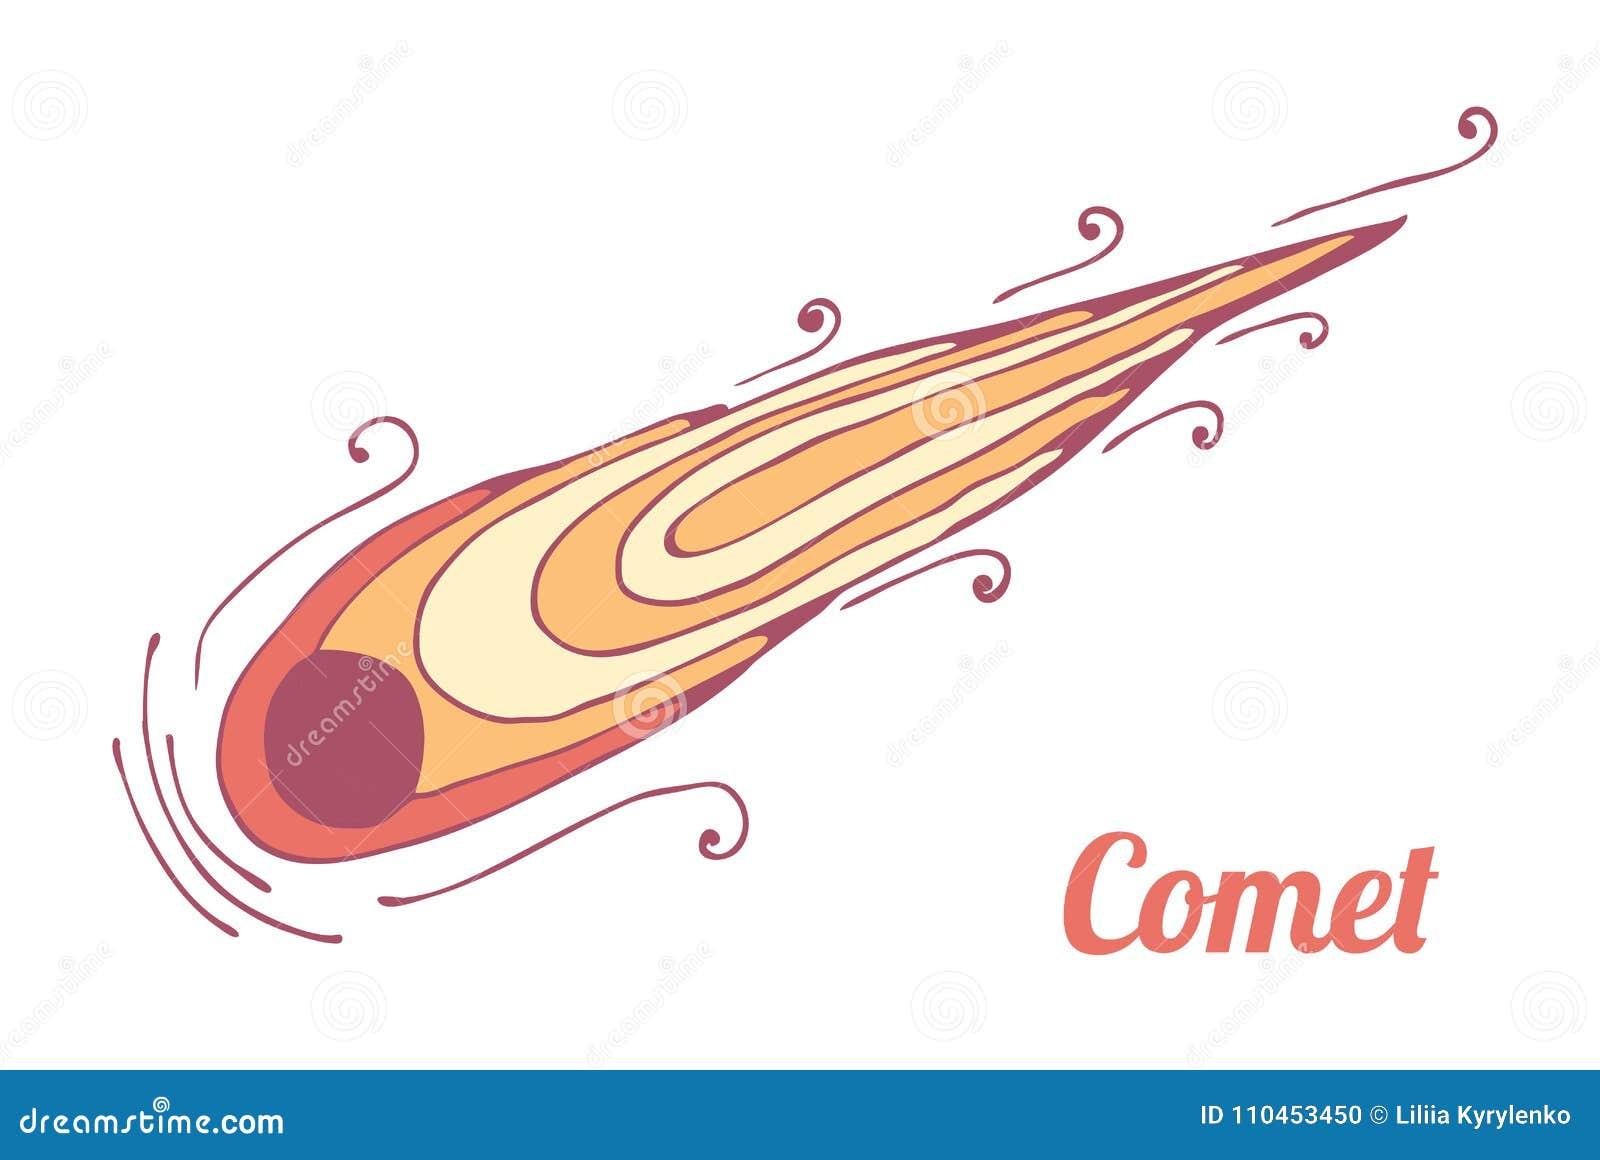 Den brinnande komet flyger Tema av utrymme och astronautik vektor